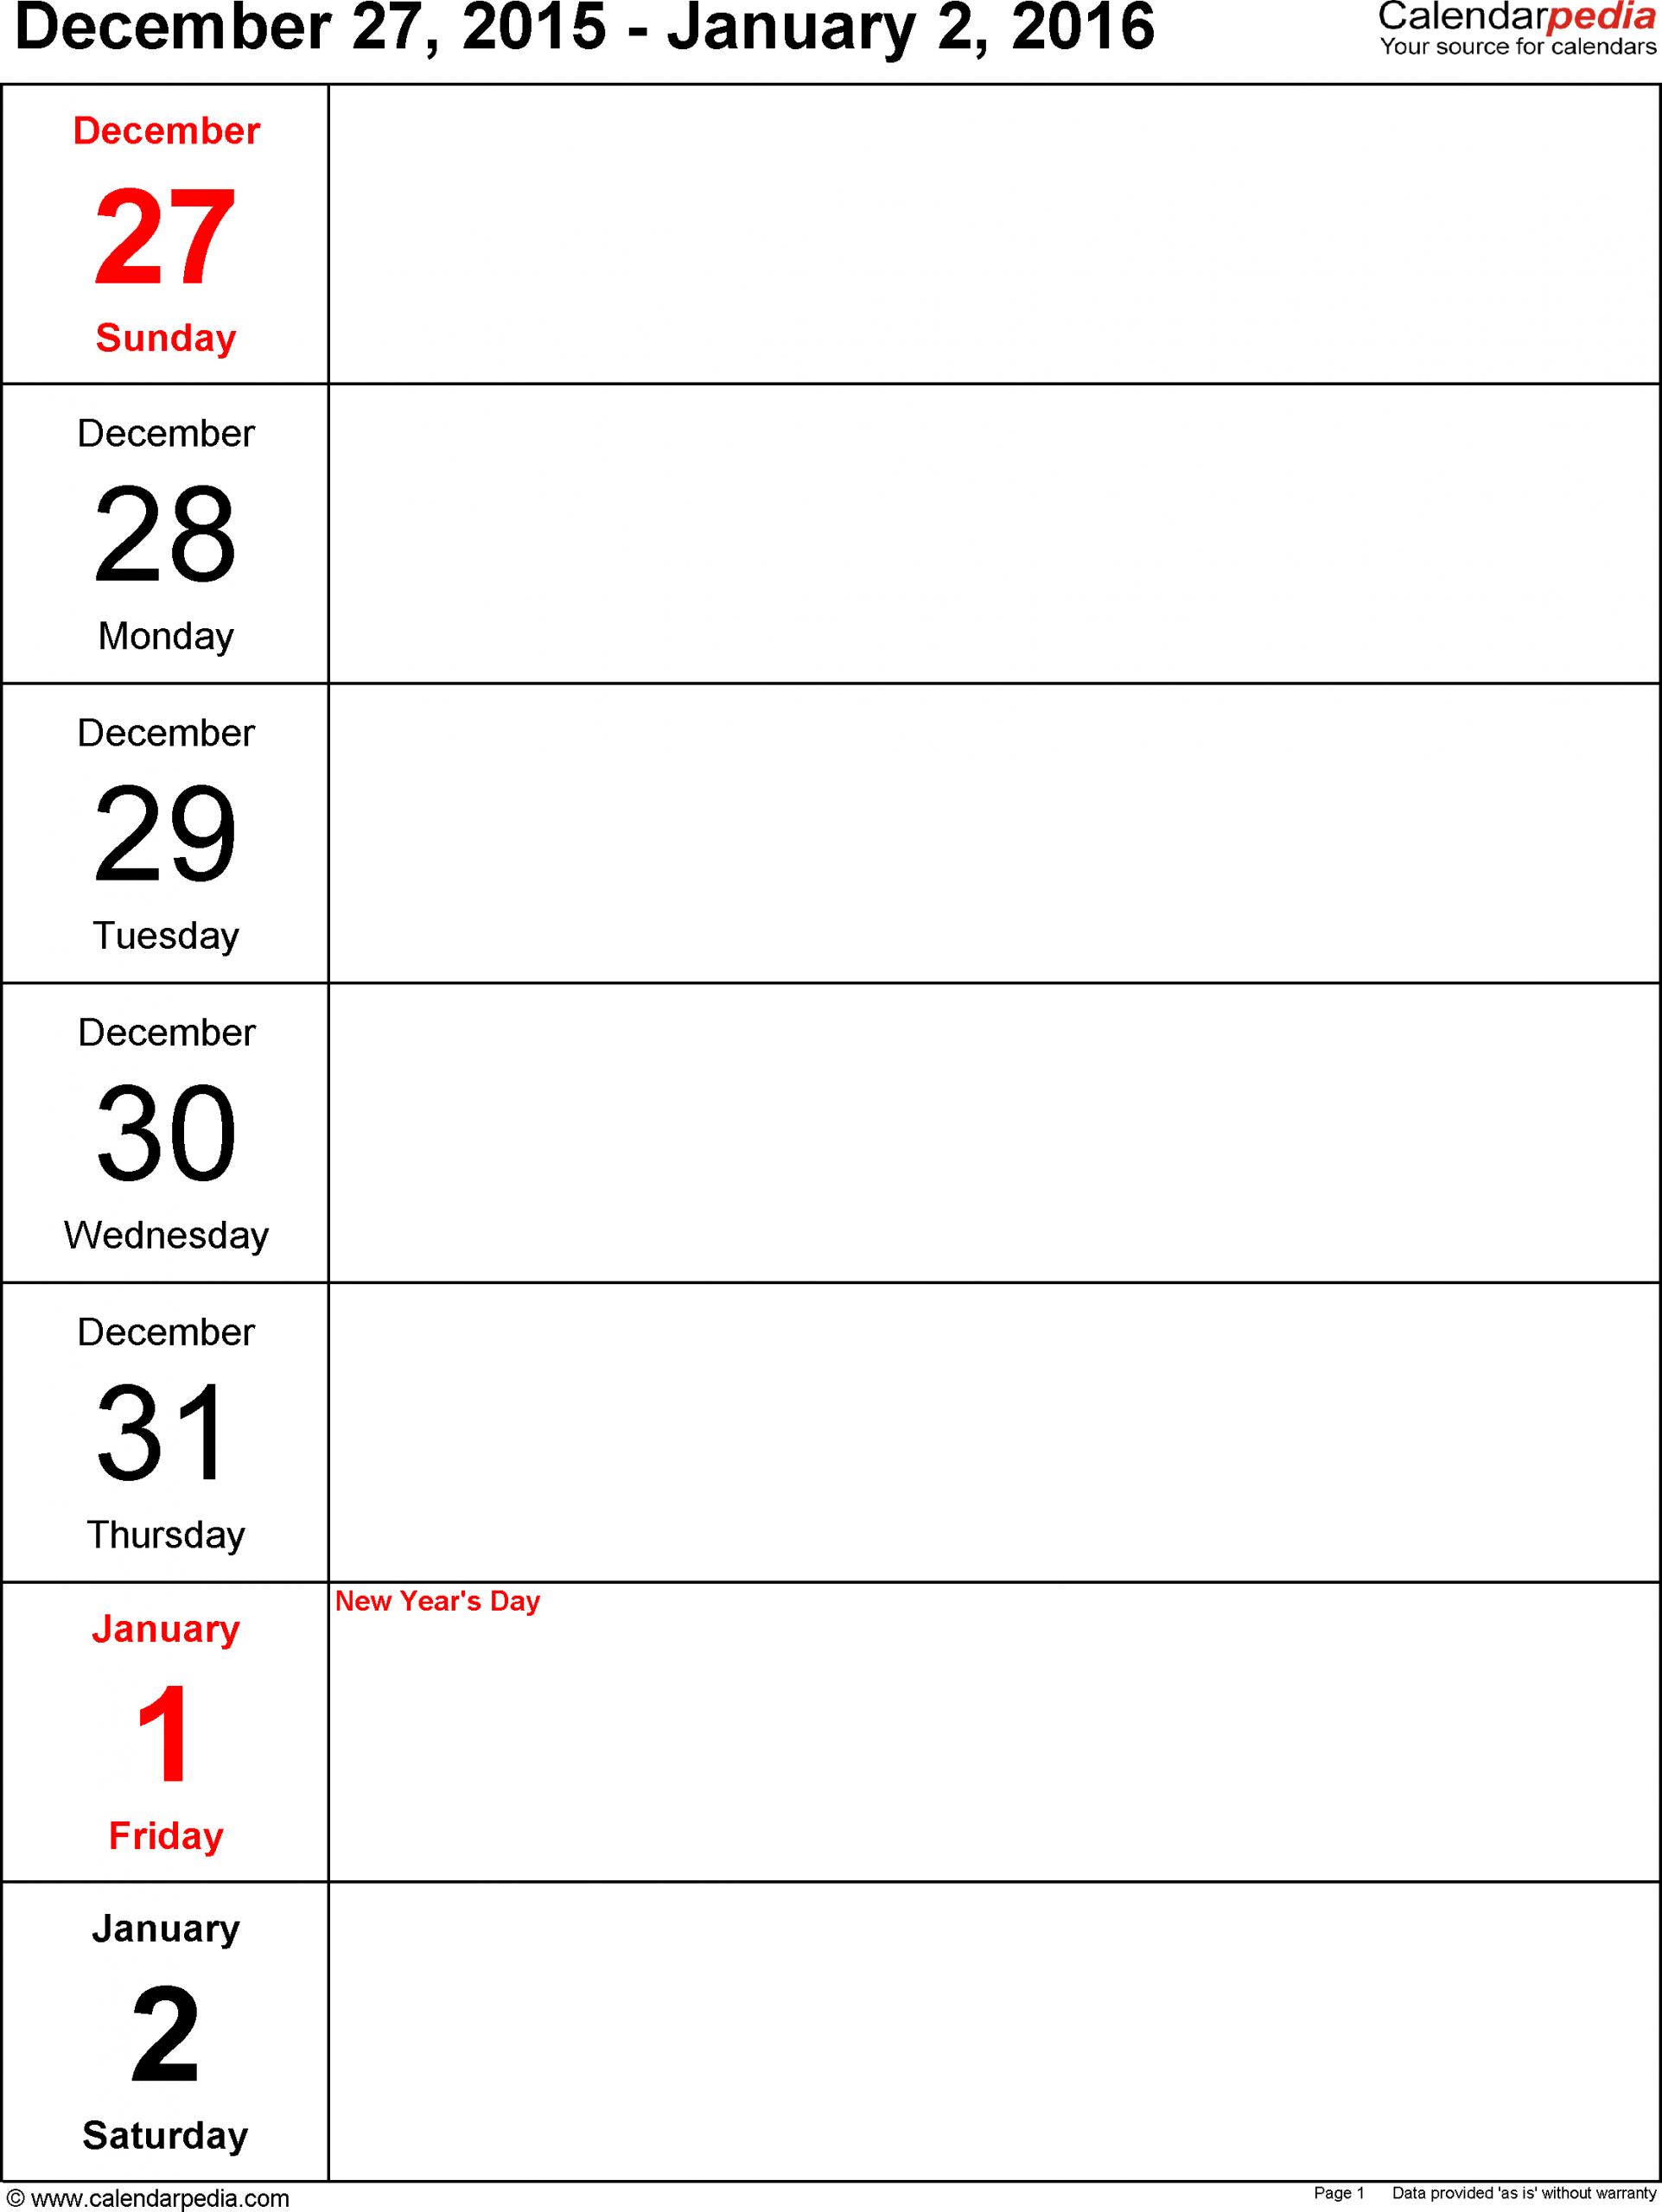 Weekly Calendar 2016: Template For Word Version 10 1 Week Blank Editable Calendar